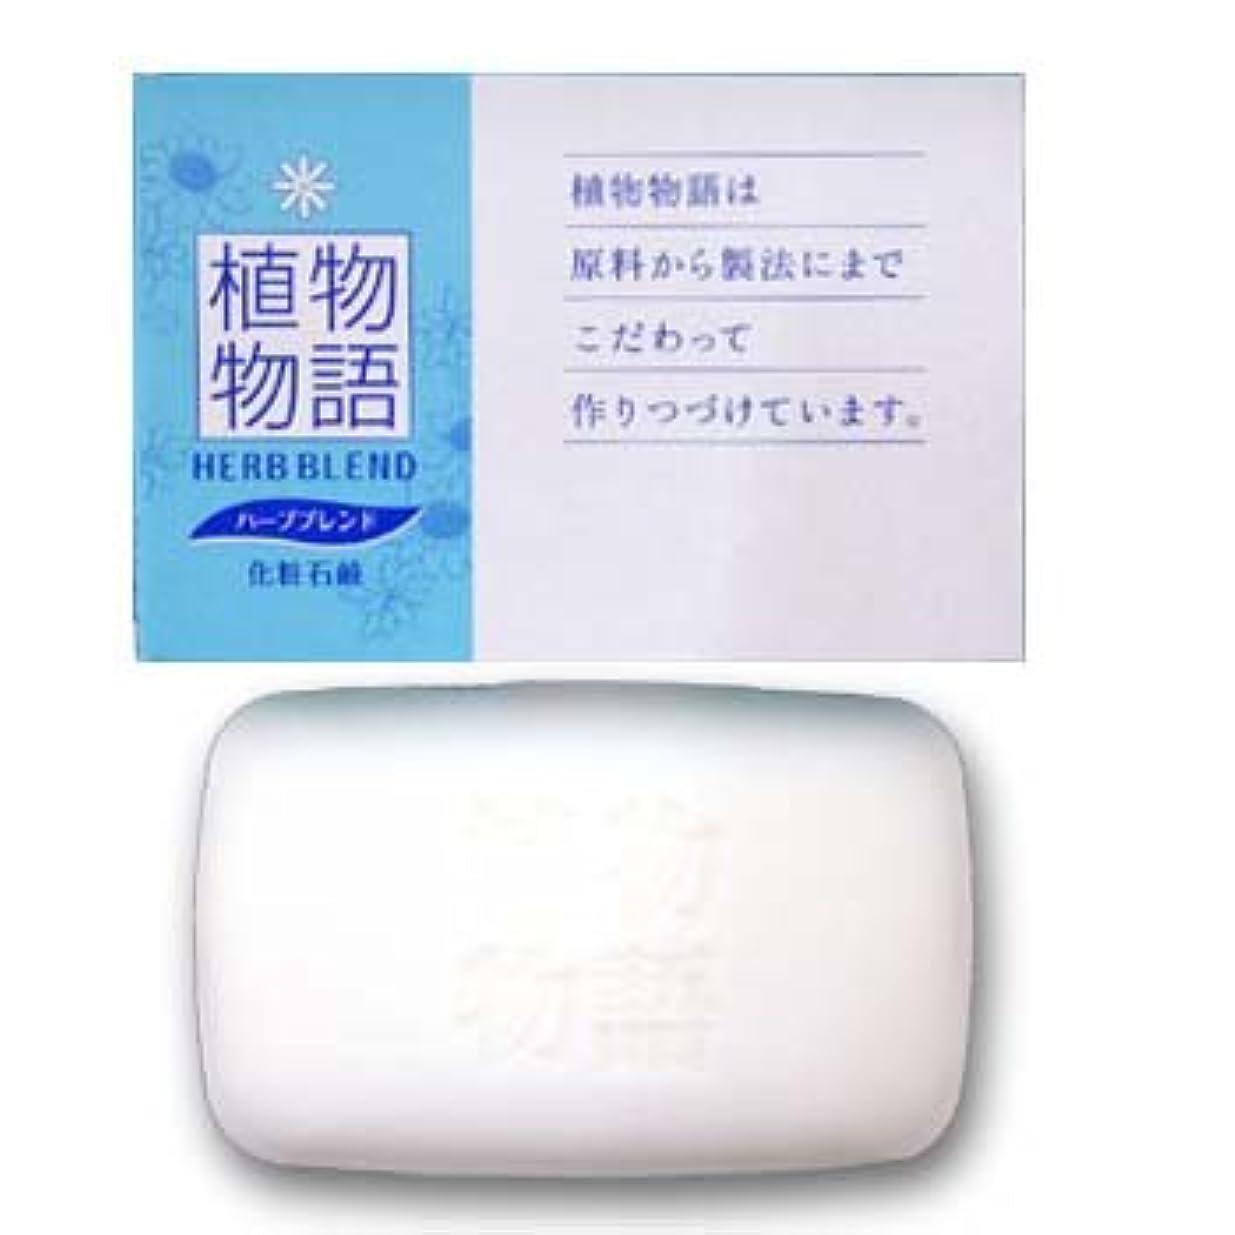 いろいろ舌な乳LION 植物物語石鹸80g化粧箱入(1セット100個入)